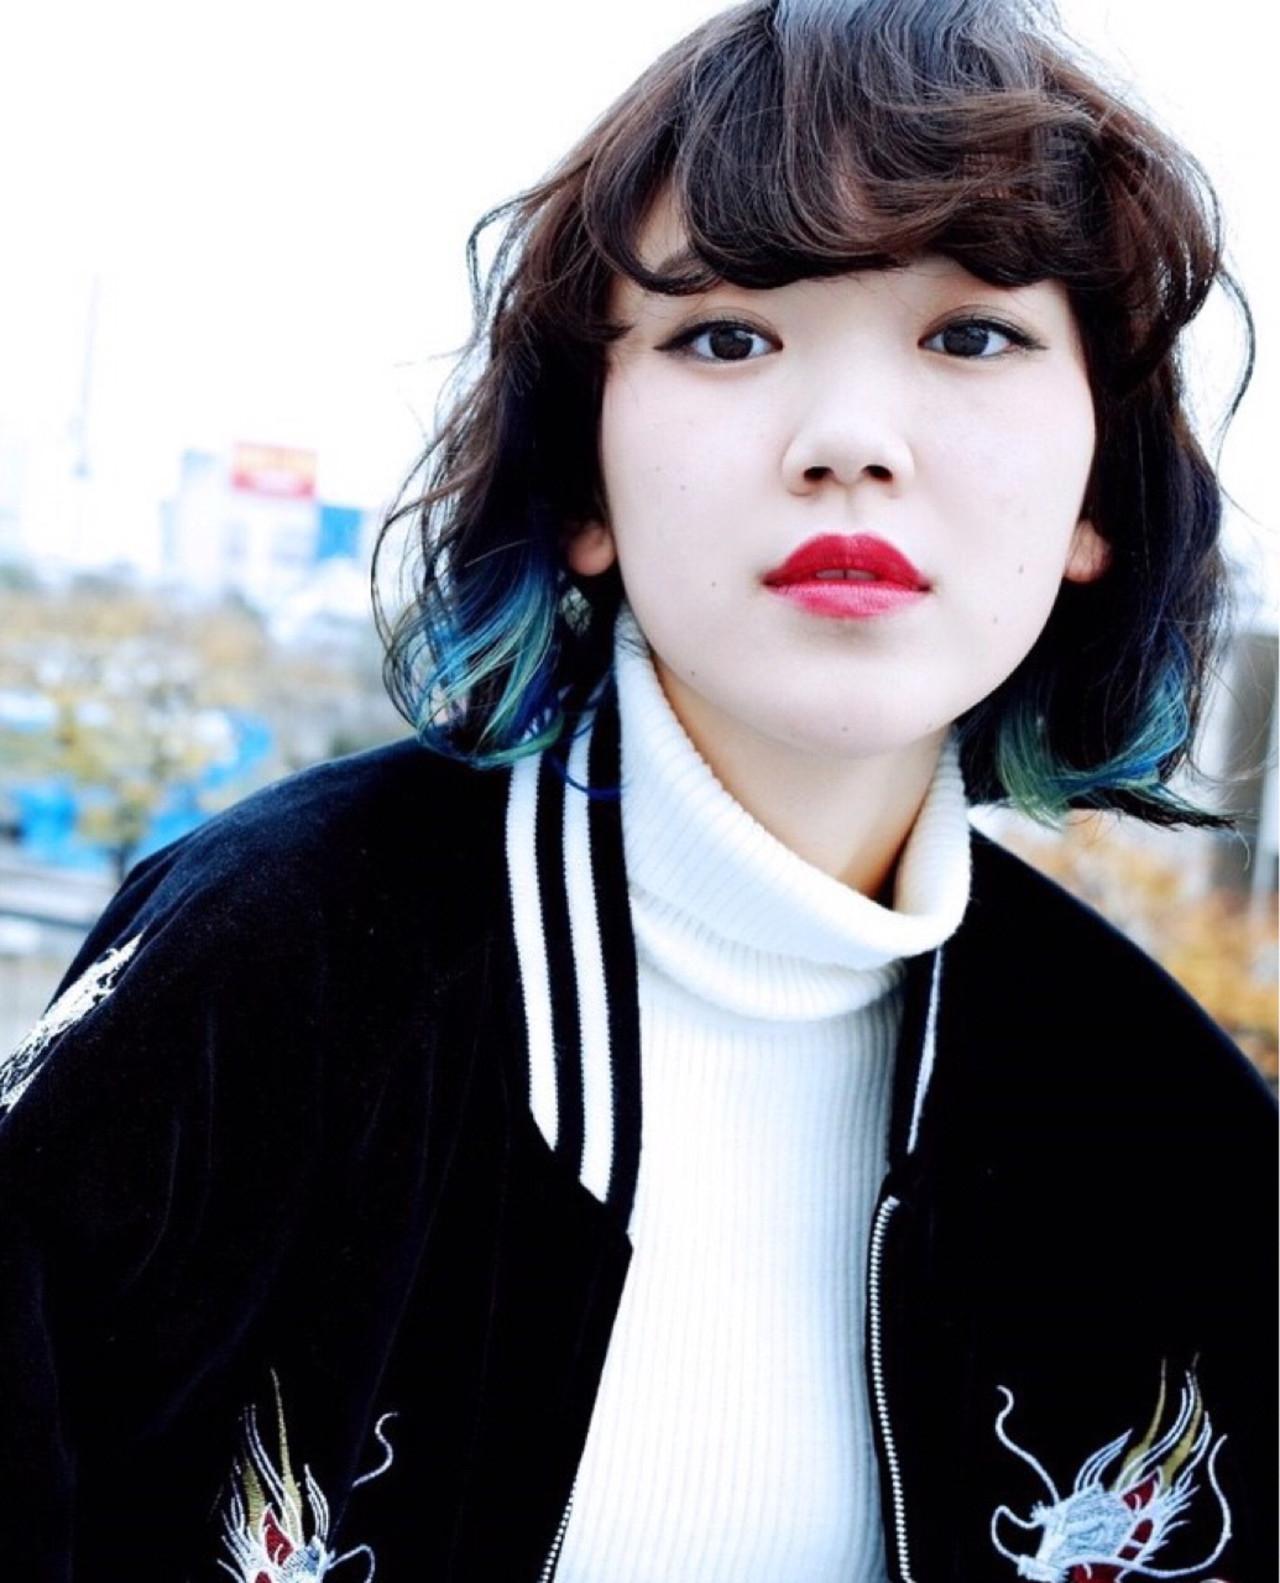 グラデーションカラー インナーカラー 黒髪 ピュア ヘアスタイルや髪型の写真・画像 | Umi /